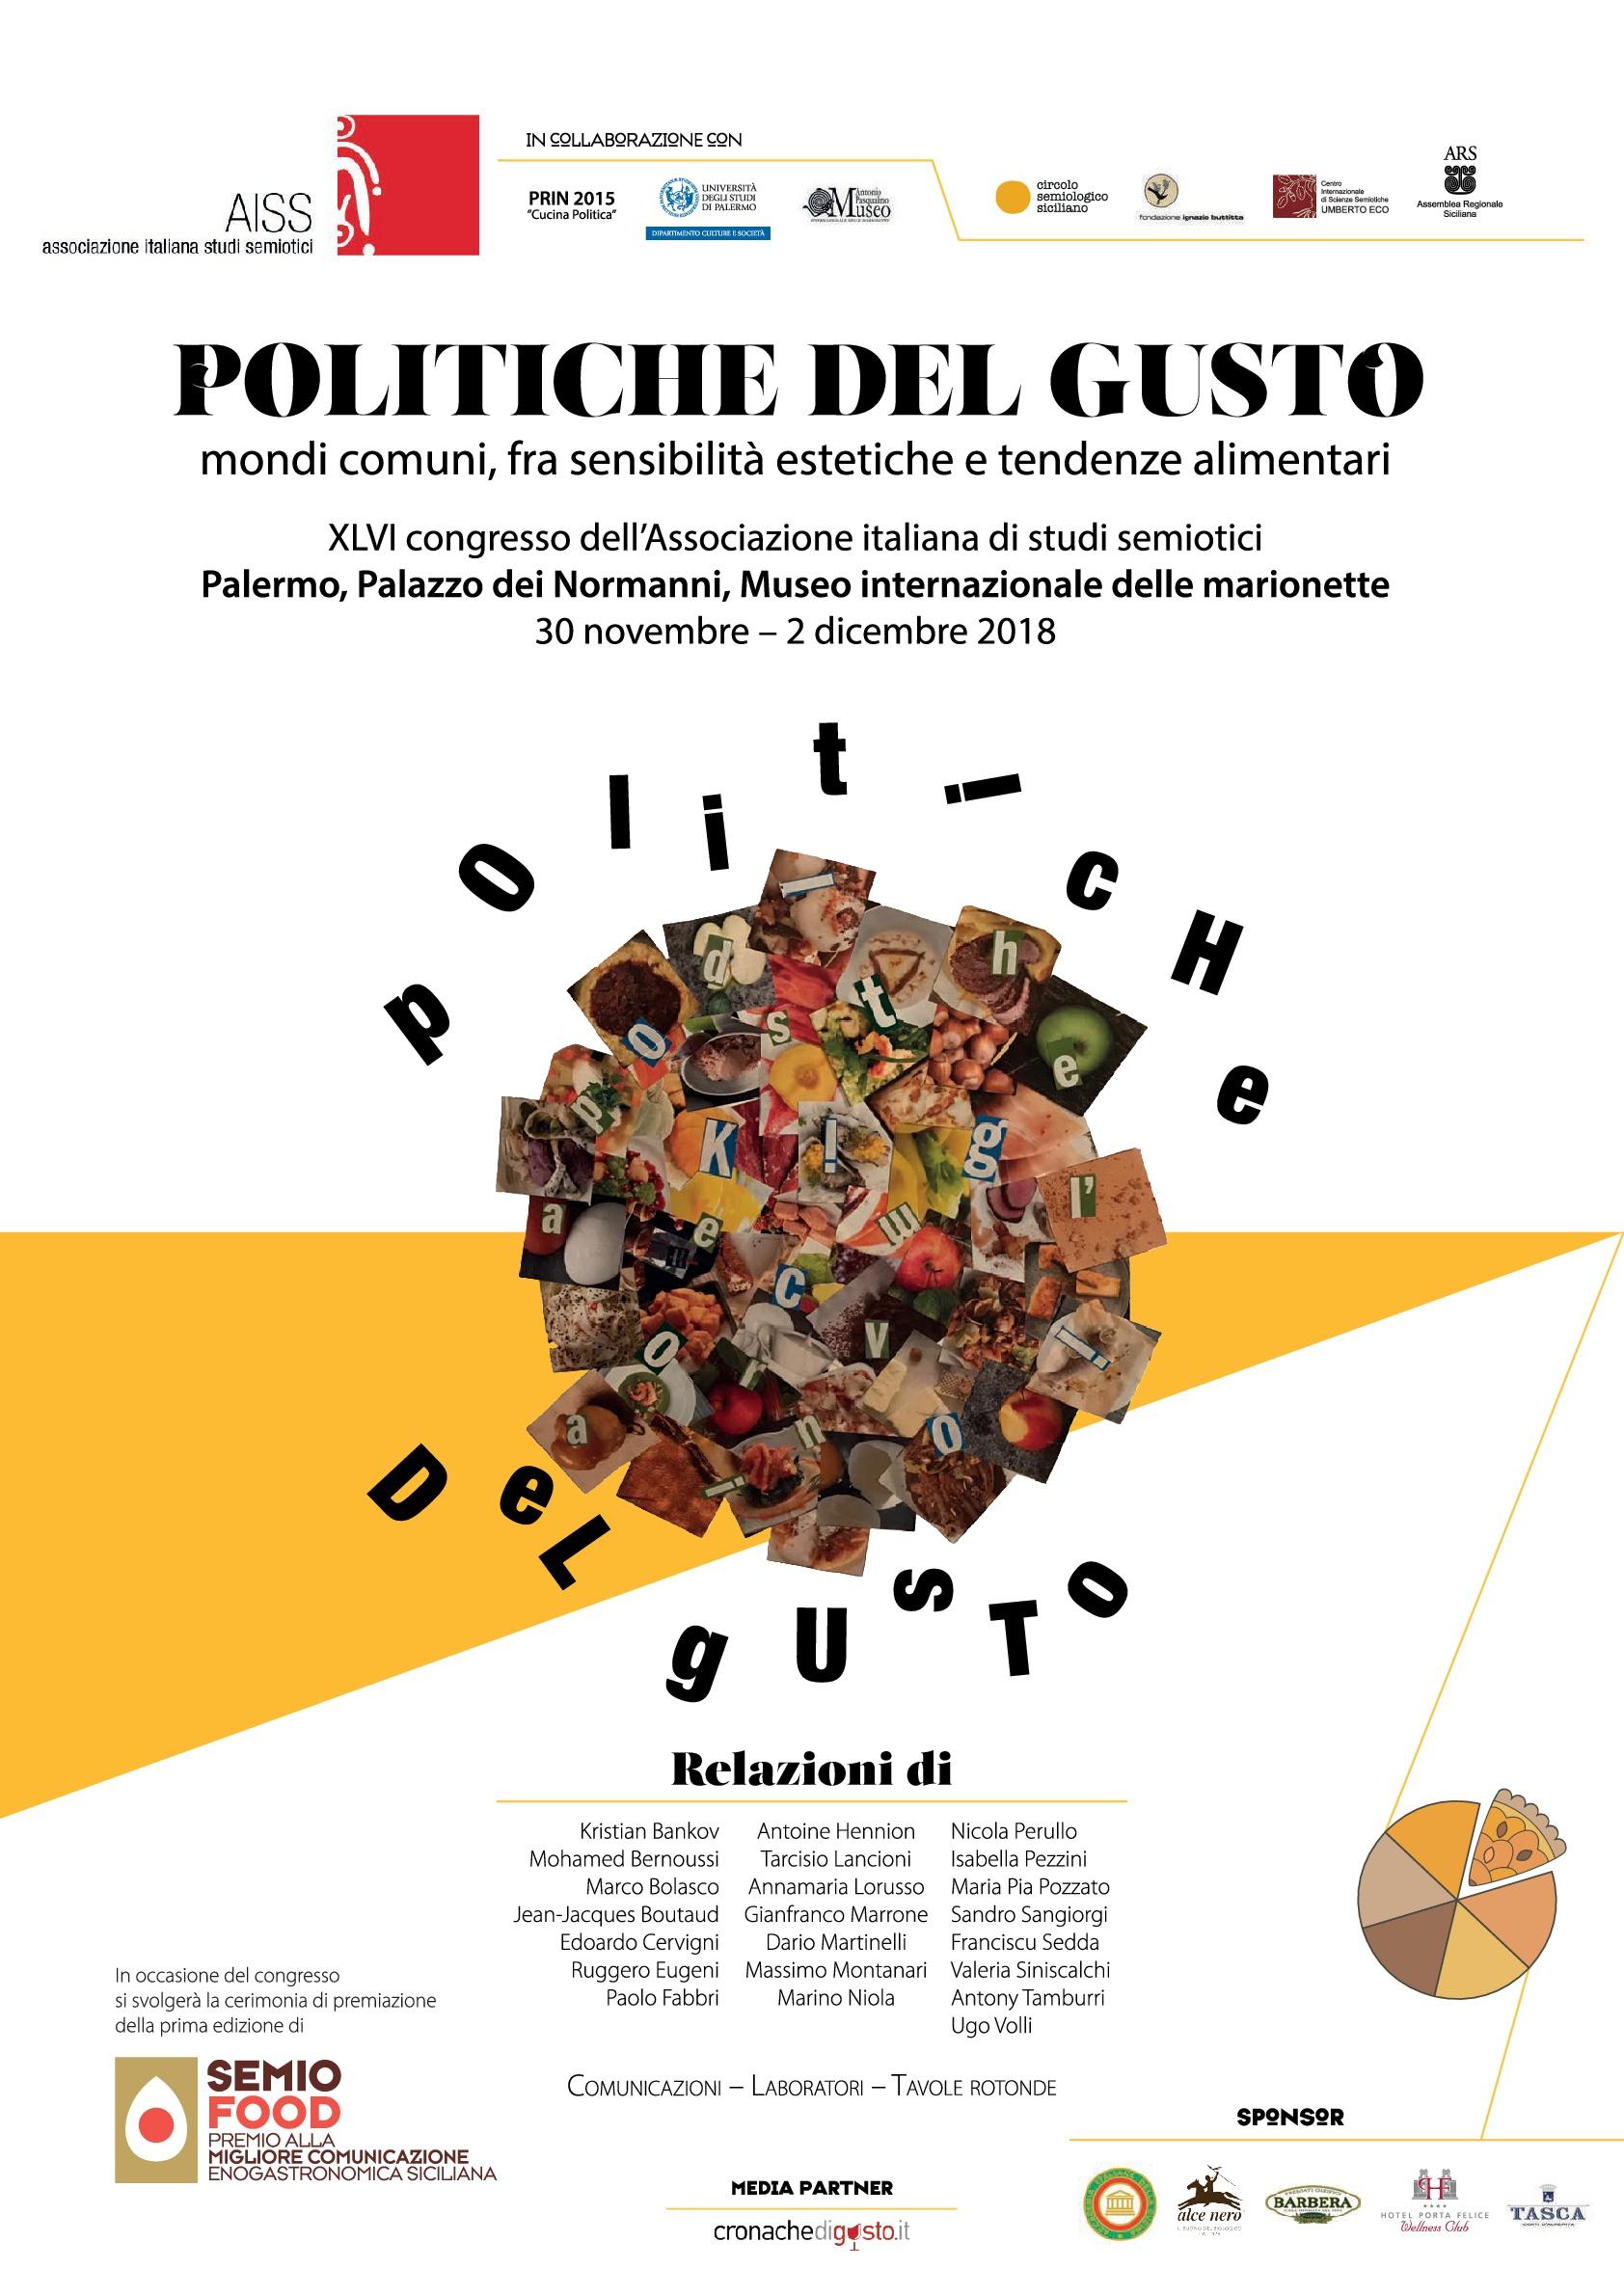 manifesto_a3_politiche_del_gusto-compressed-001.jpg - 670.99 kB